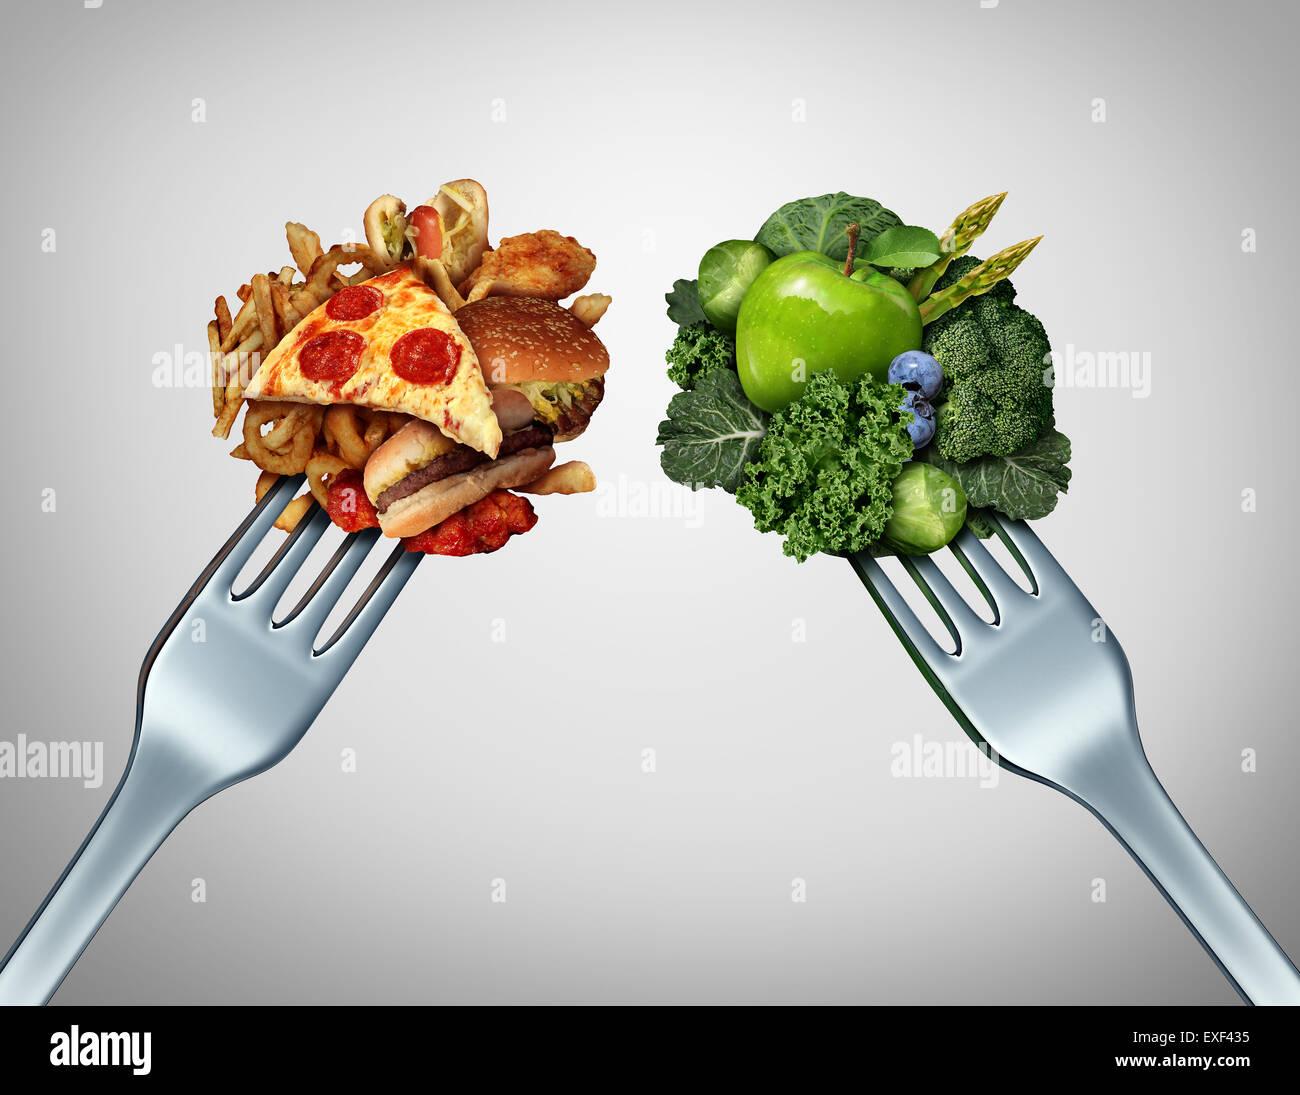 Ernährung Kampf und Entscheidung Konzept und Ernährung Entscheidungen Dilemma zwischen gesunden gutes Stockbild